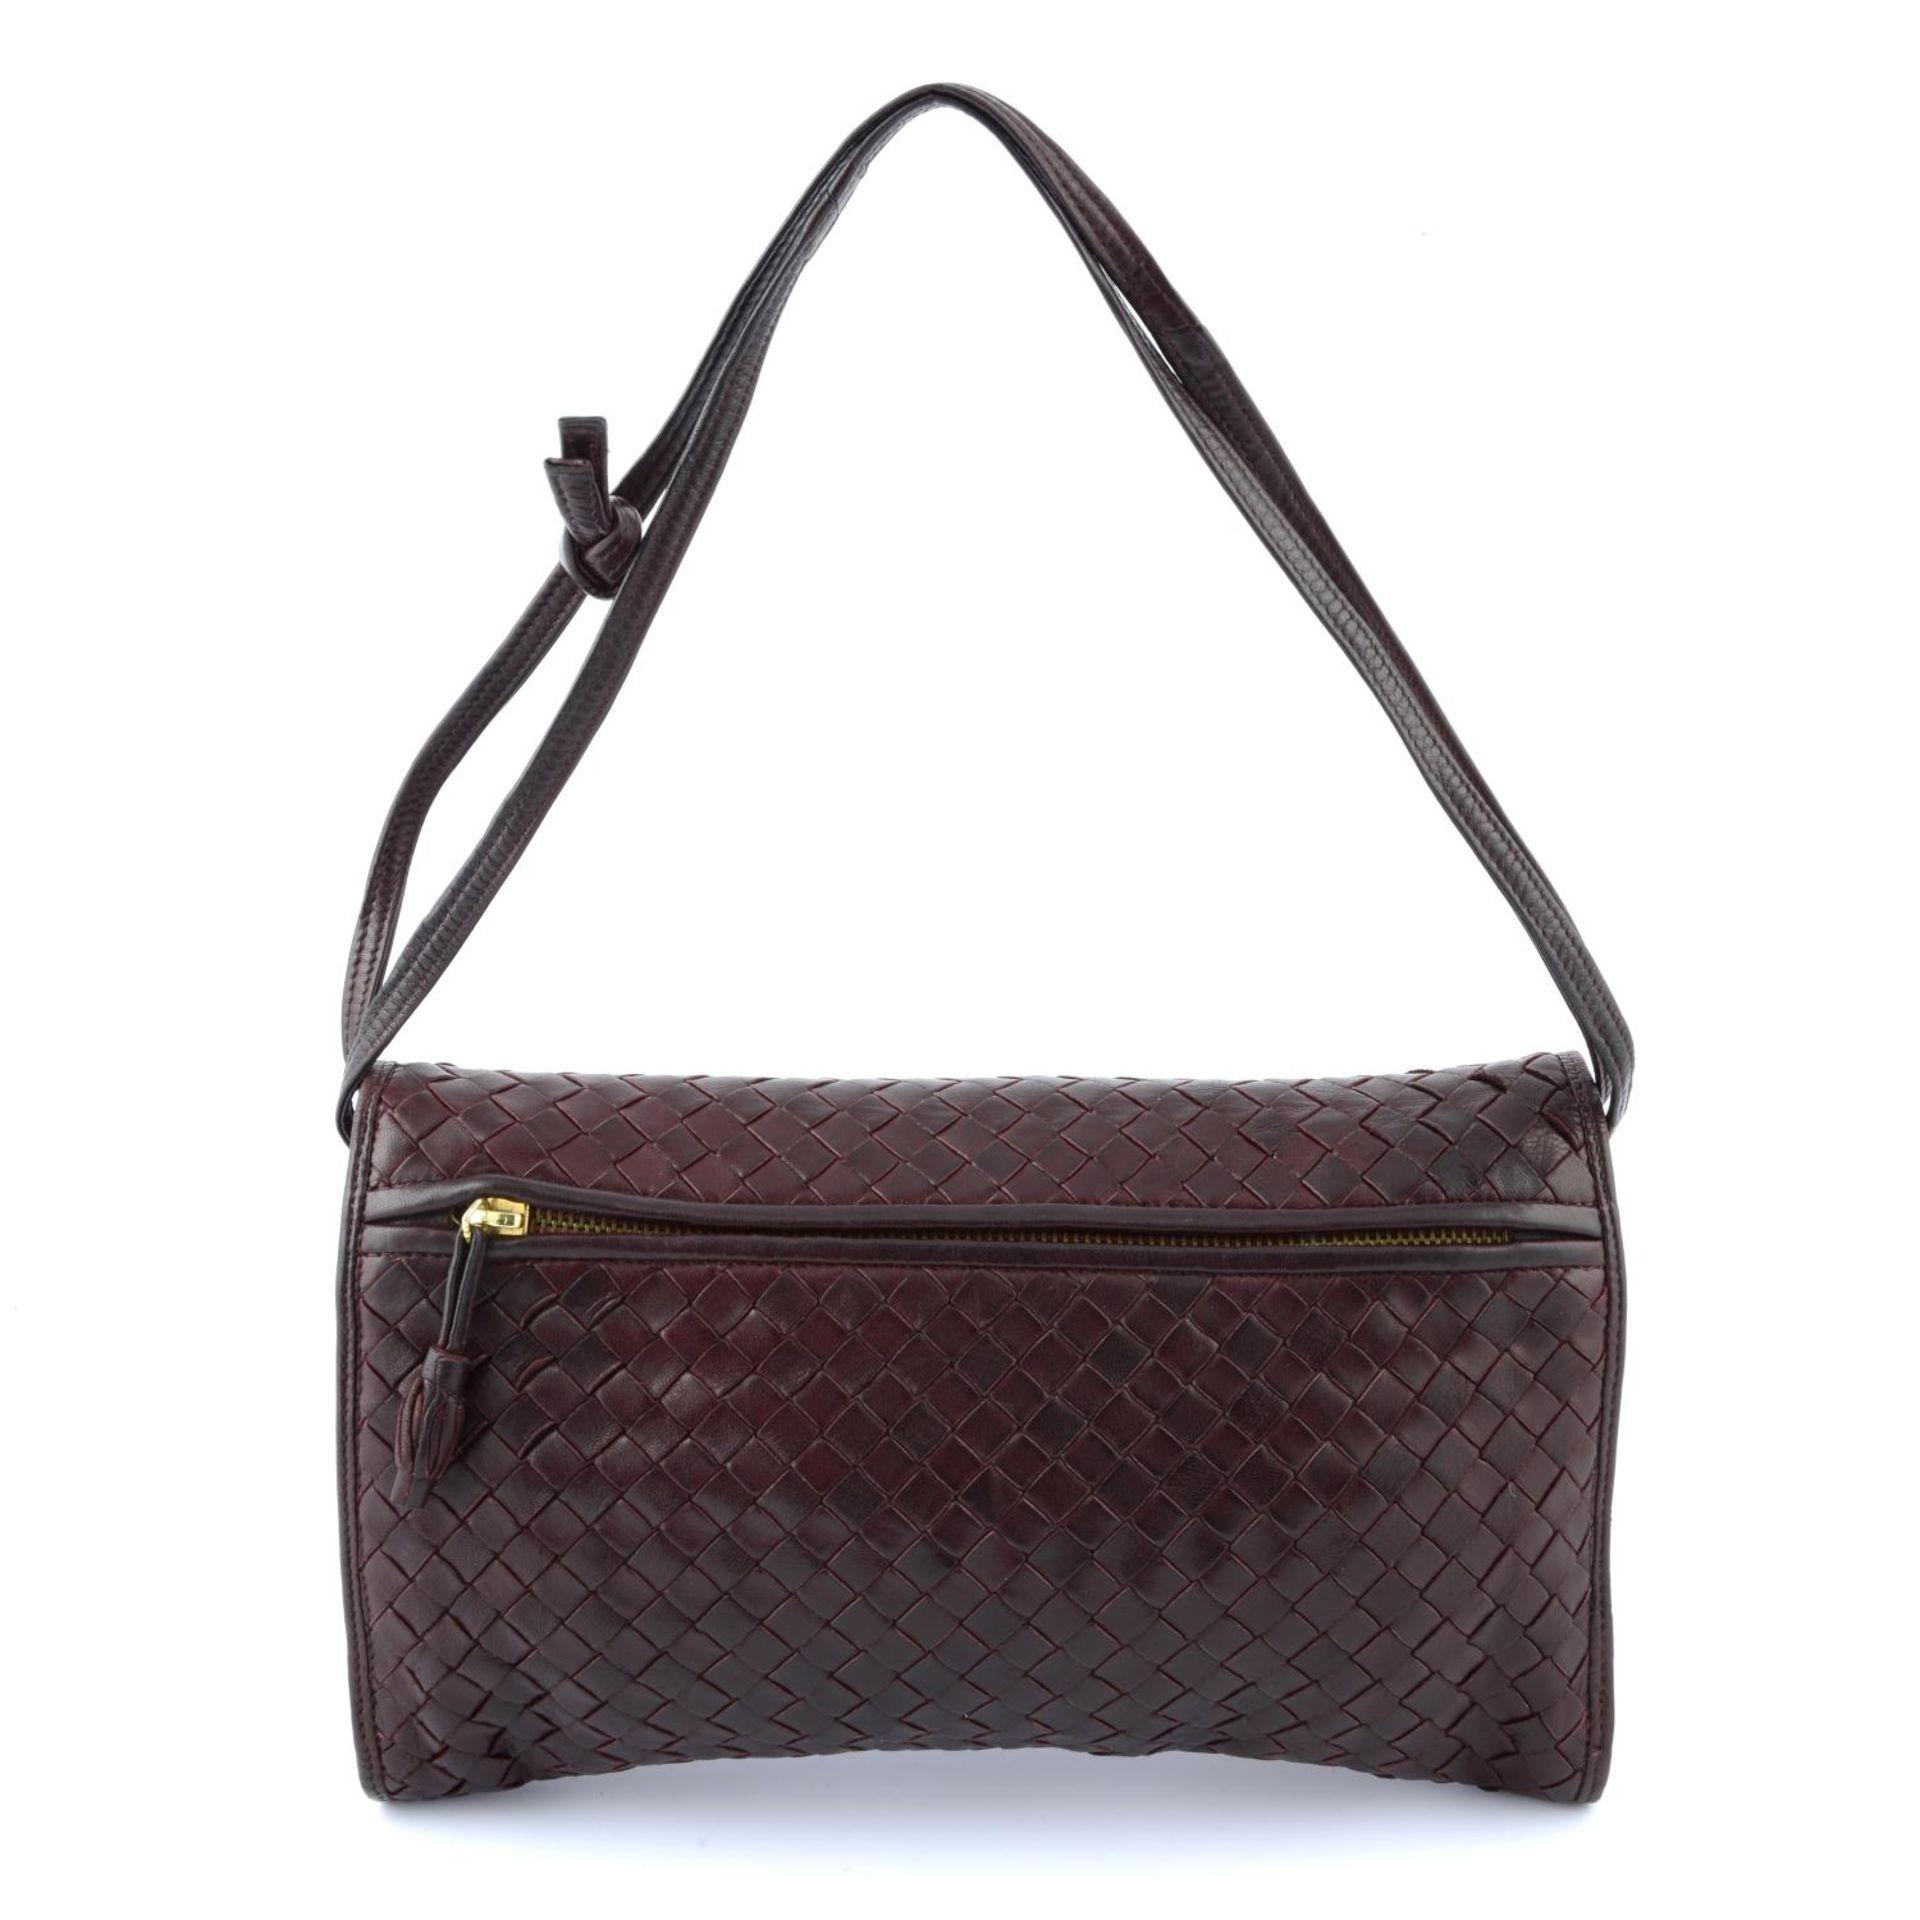 BOTTEGA VENETA - a woven fold-over crossbody handbag. - Image 2 of 3